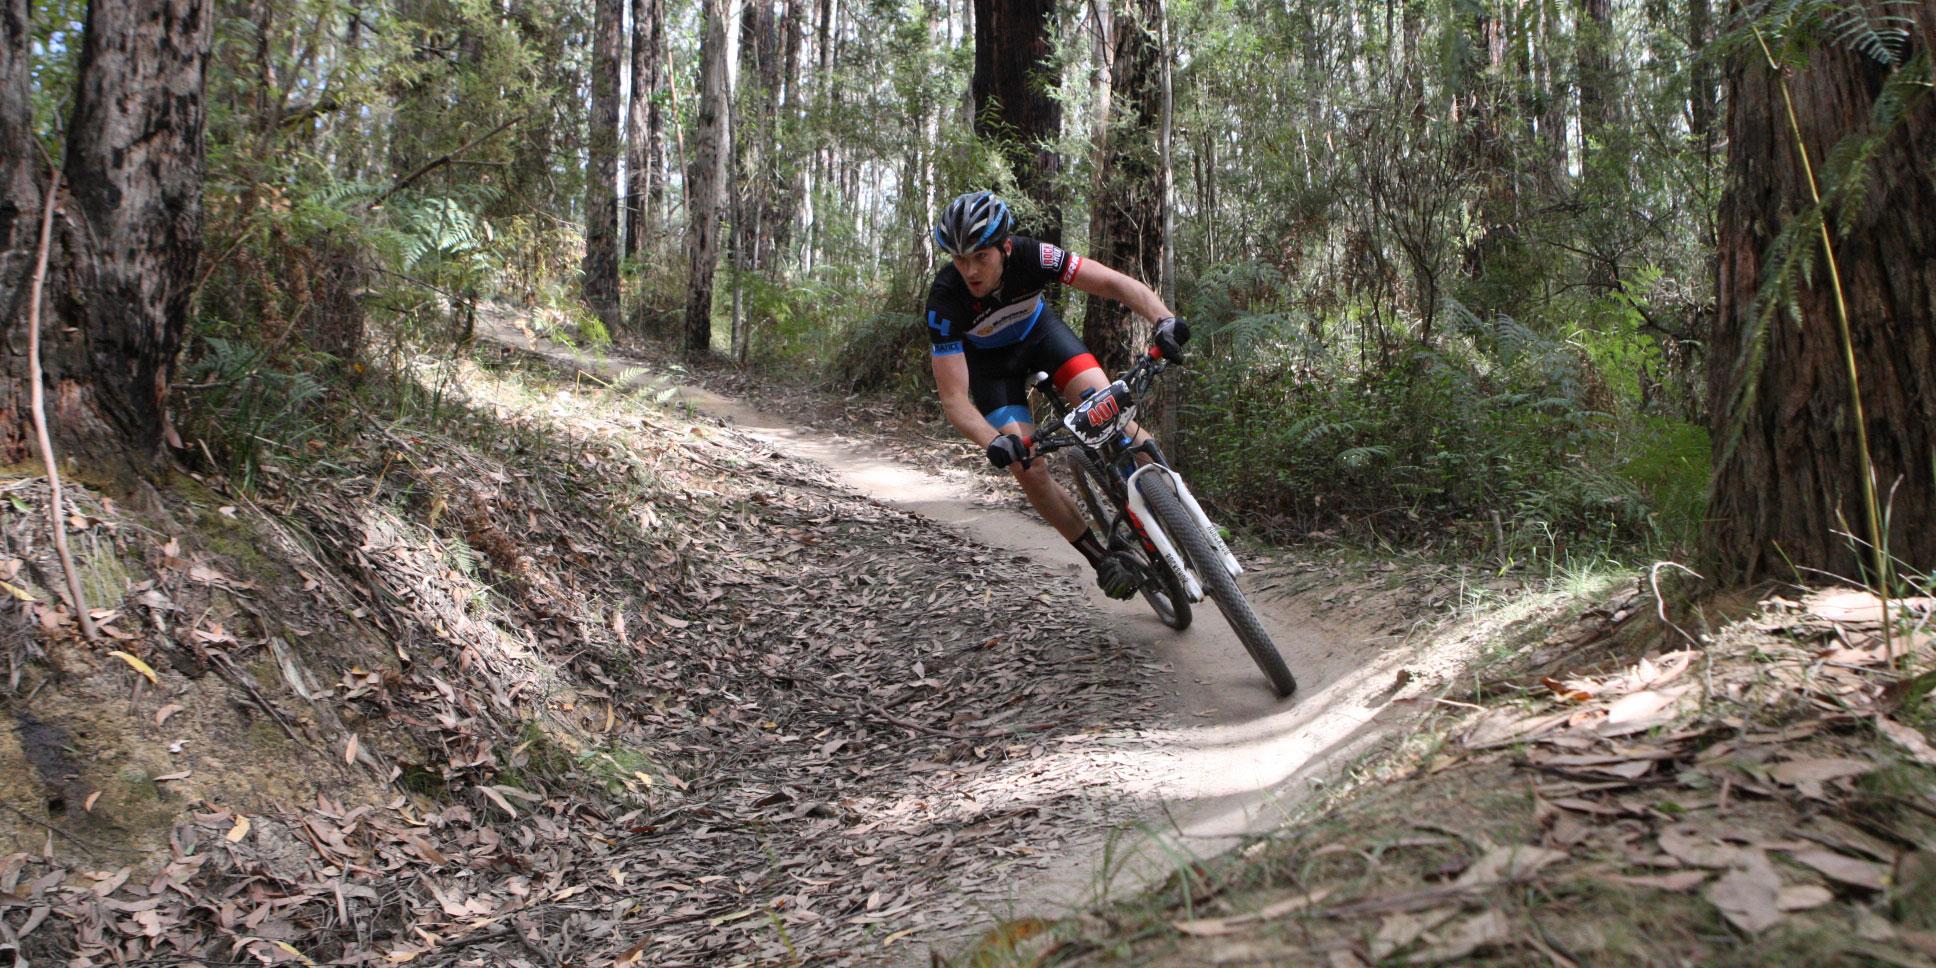 Sådan træner du dig op til cykling i skoven